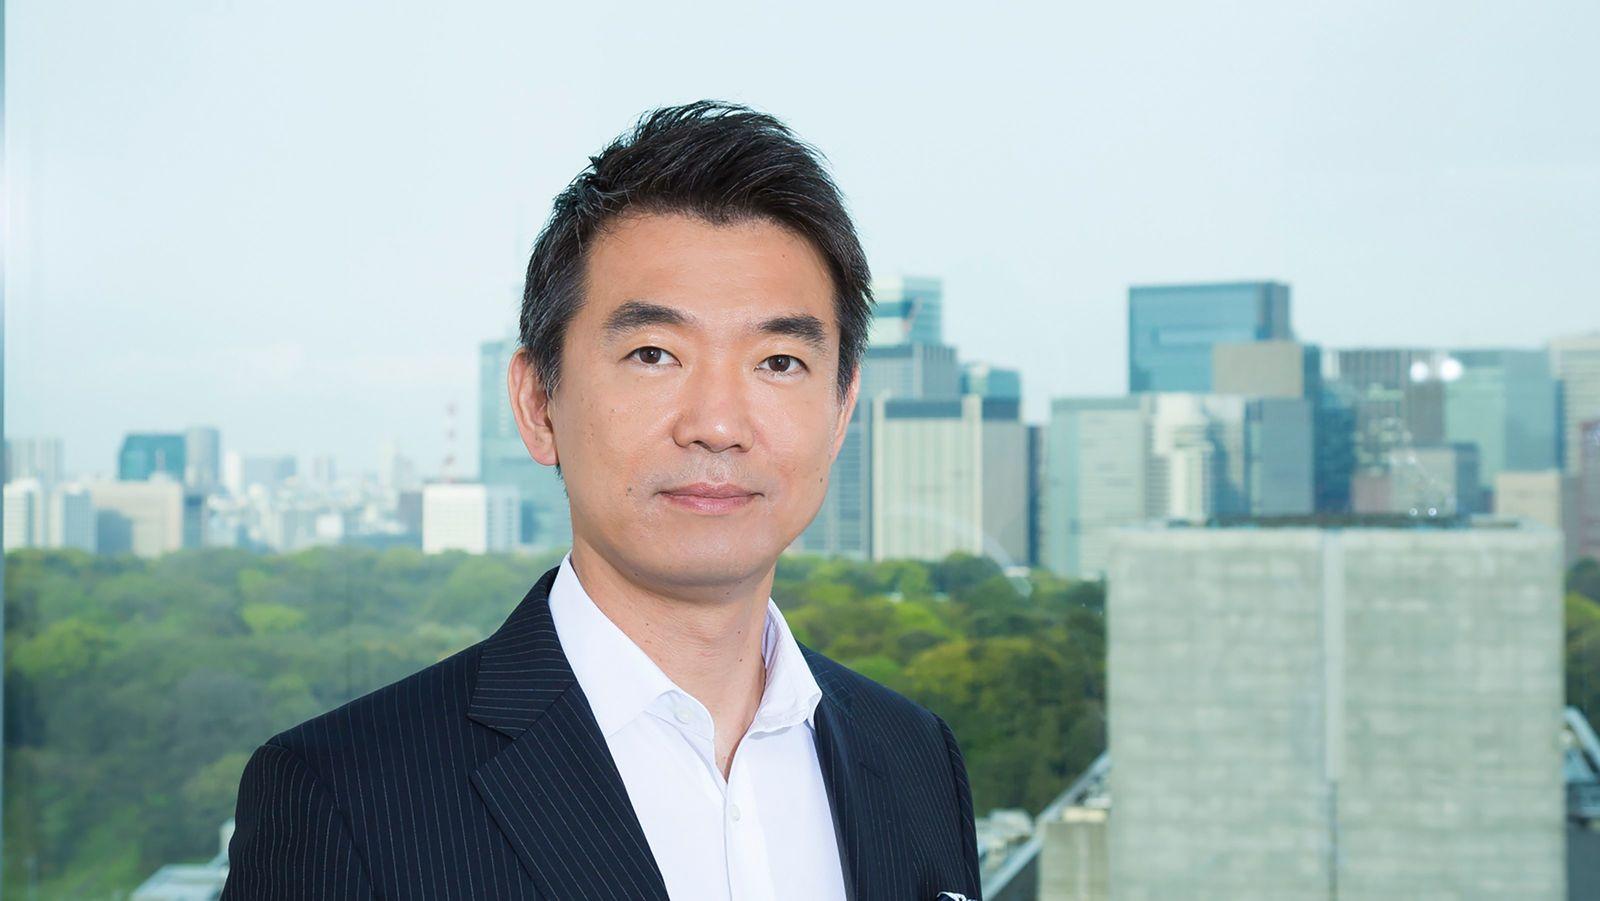 橋下徹「すぐ文書廃棄に走る日本政府の大問題」 ルールに従っていればそれでいいか